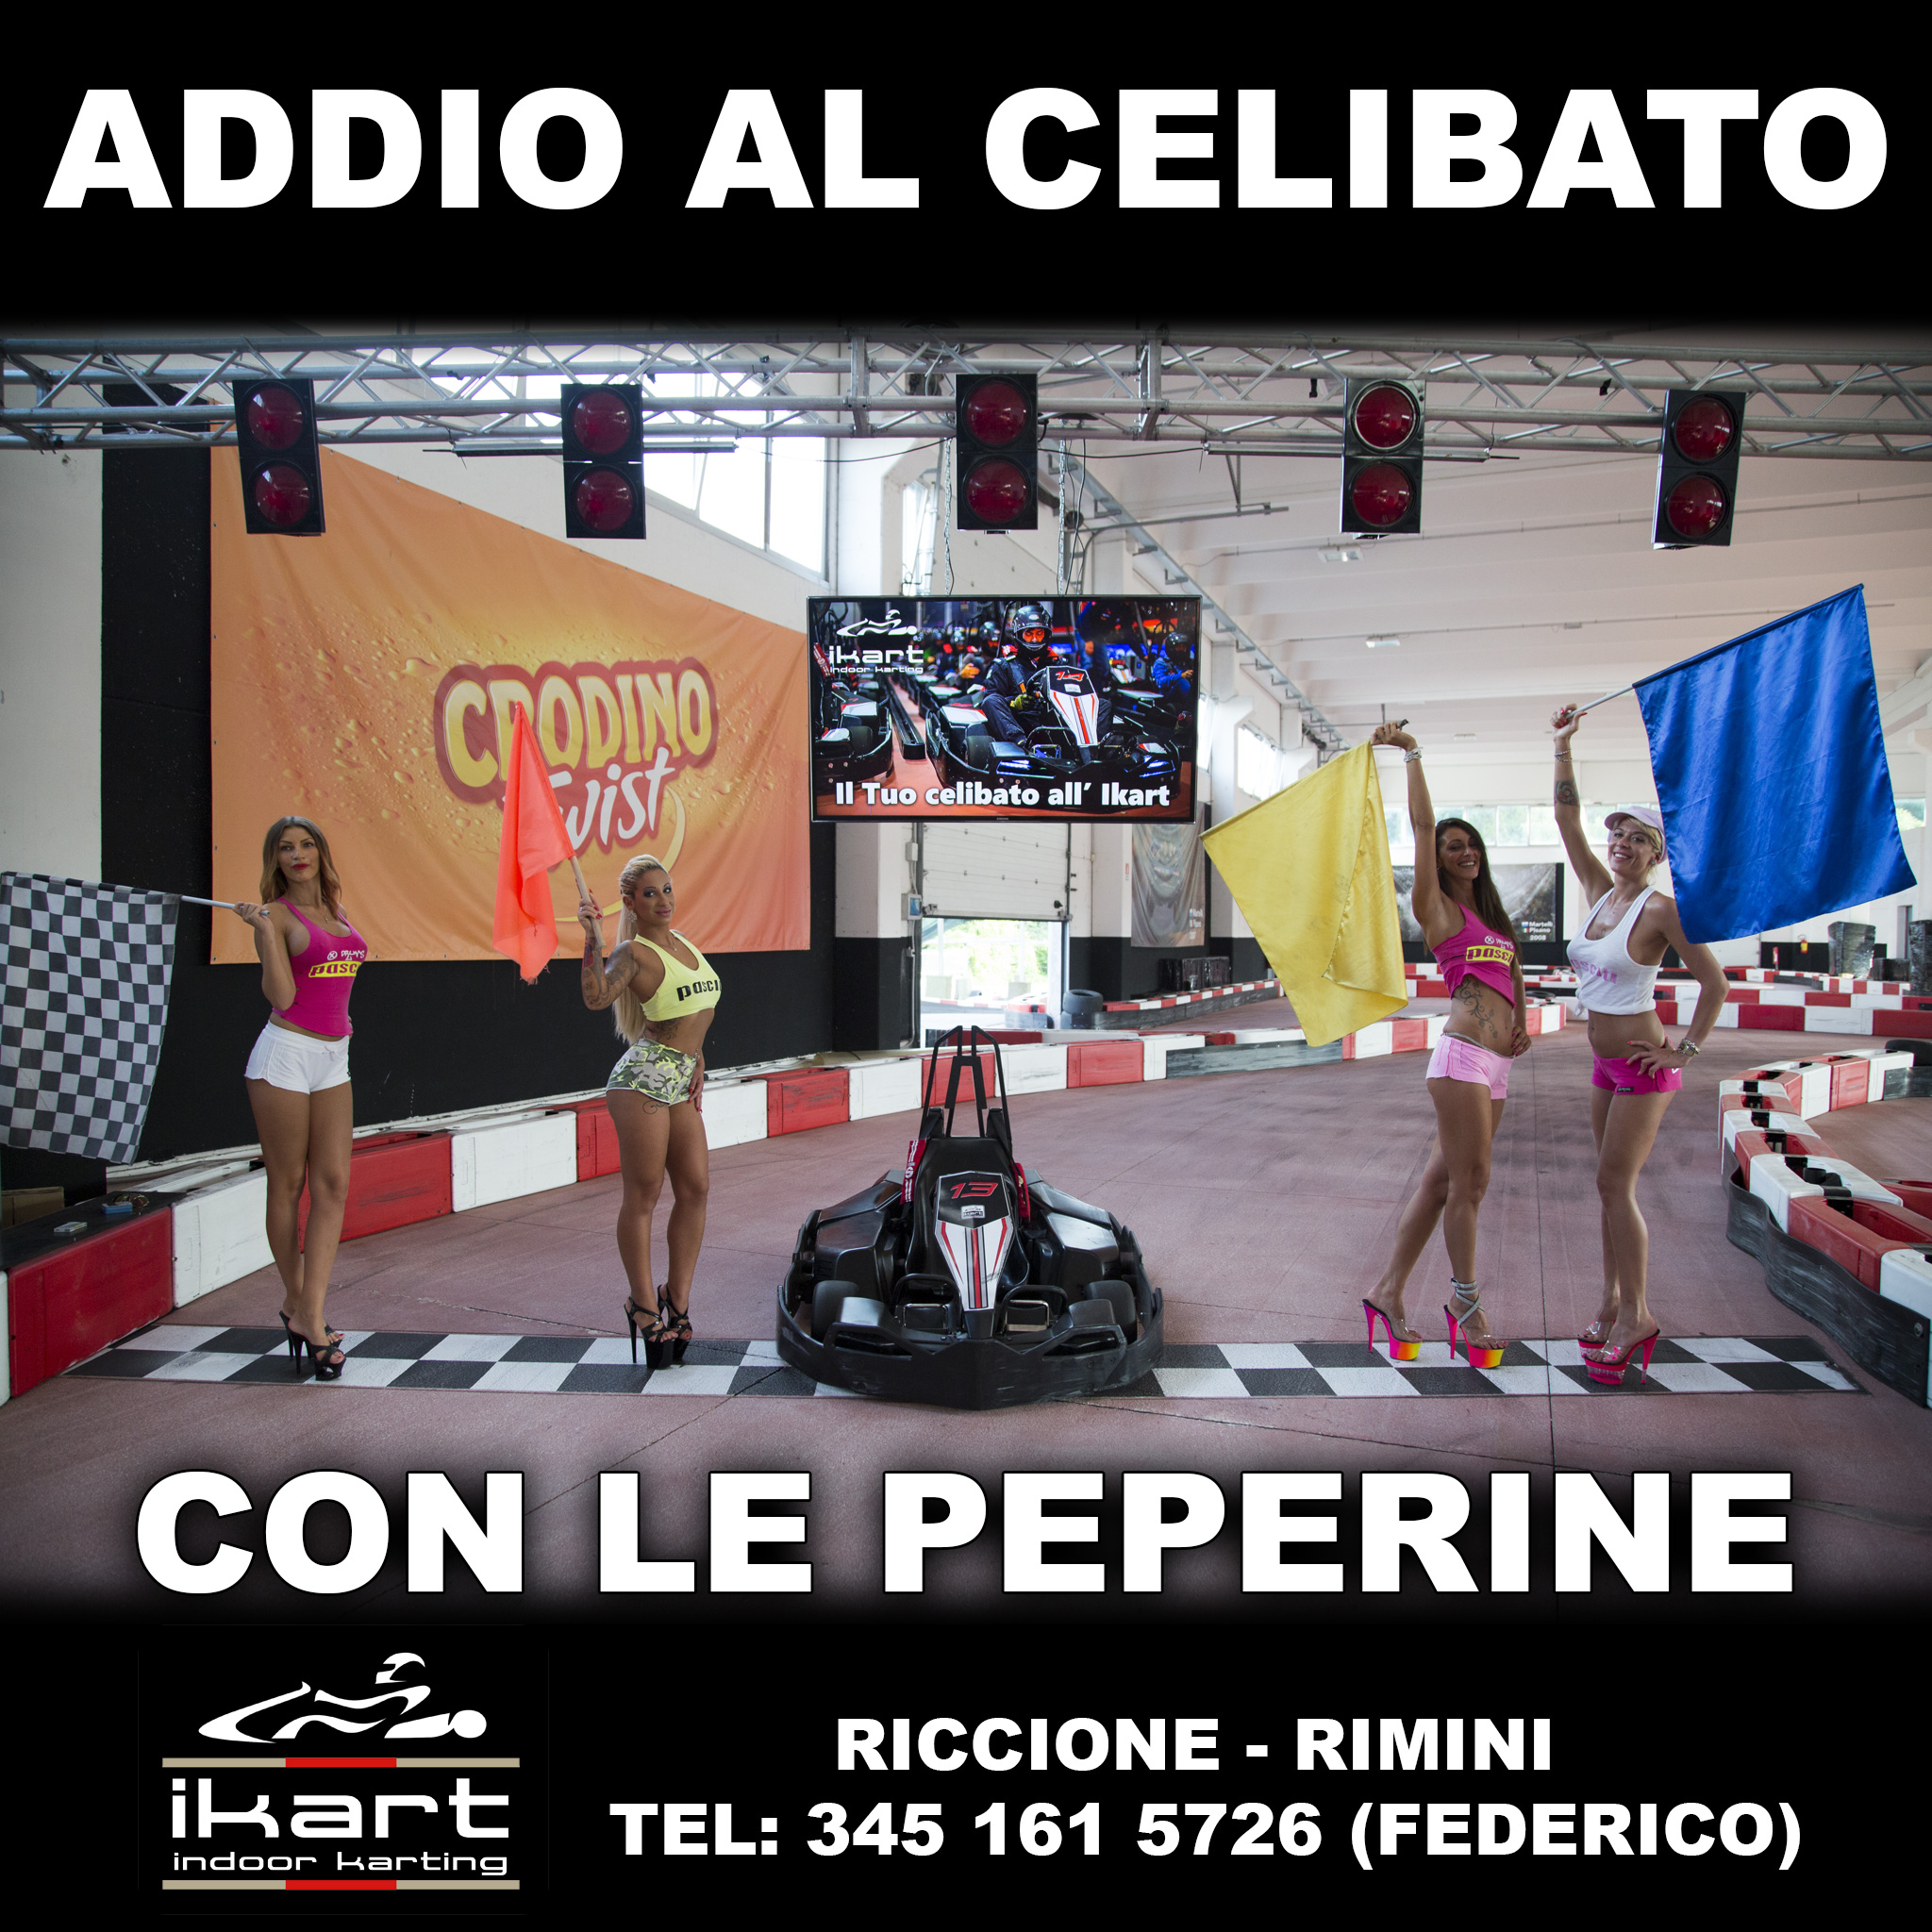 Addio al celibato in go kart con le peperine del pepenero for Cabina di addio al celibato